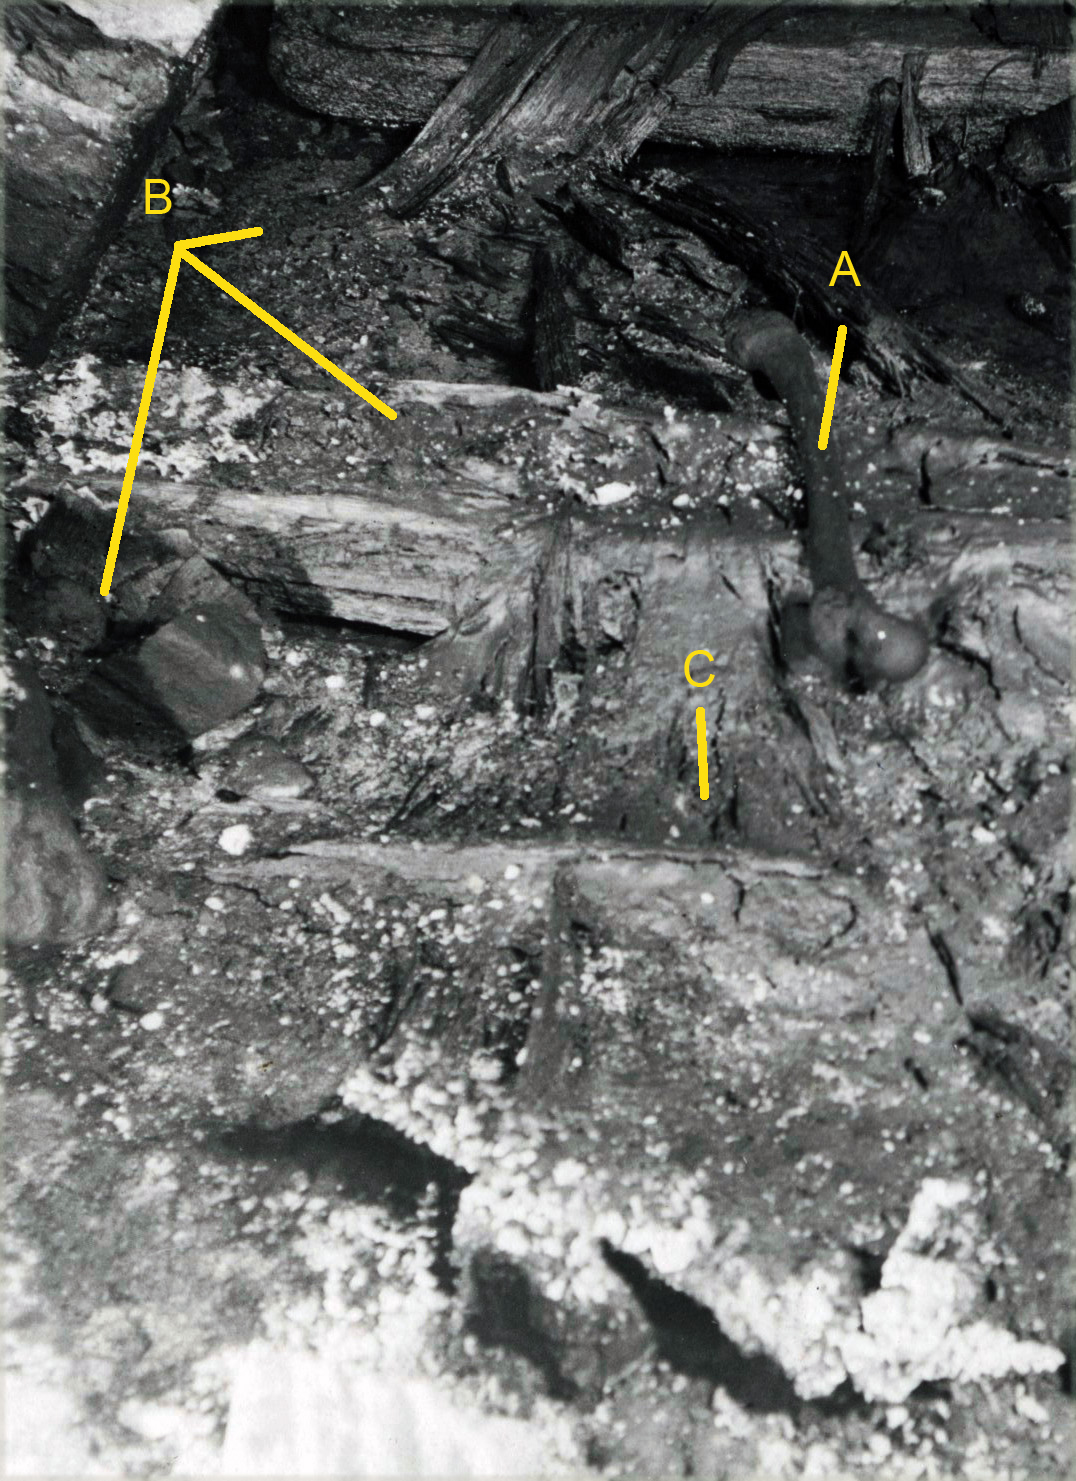 8 pav. Karalių kripta. Vaizdas tarp šiaurinės kriptos sienos ir Aleksandro Jogailaičio palaikų. Spėjama pirmojo karsto vieta. Fot. aut. J. Bulhakas. 1931 m. (LVIA 1135-3-308 (26) fragmentas): A – Aleksandro Jogailaičio šlaunikaulis, B – nurinktos vietos prie šiaurinės kriptos sienos, C – karsto dugnas (?)